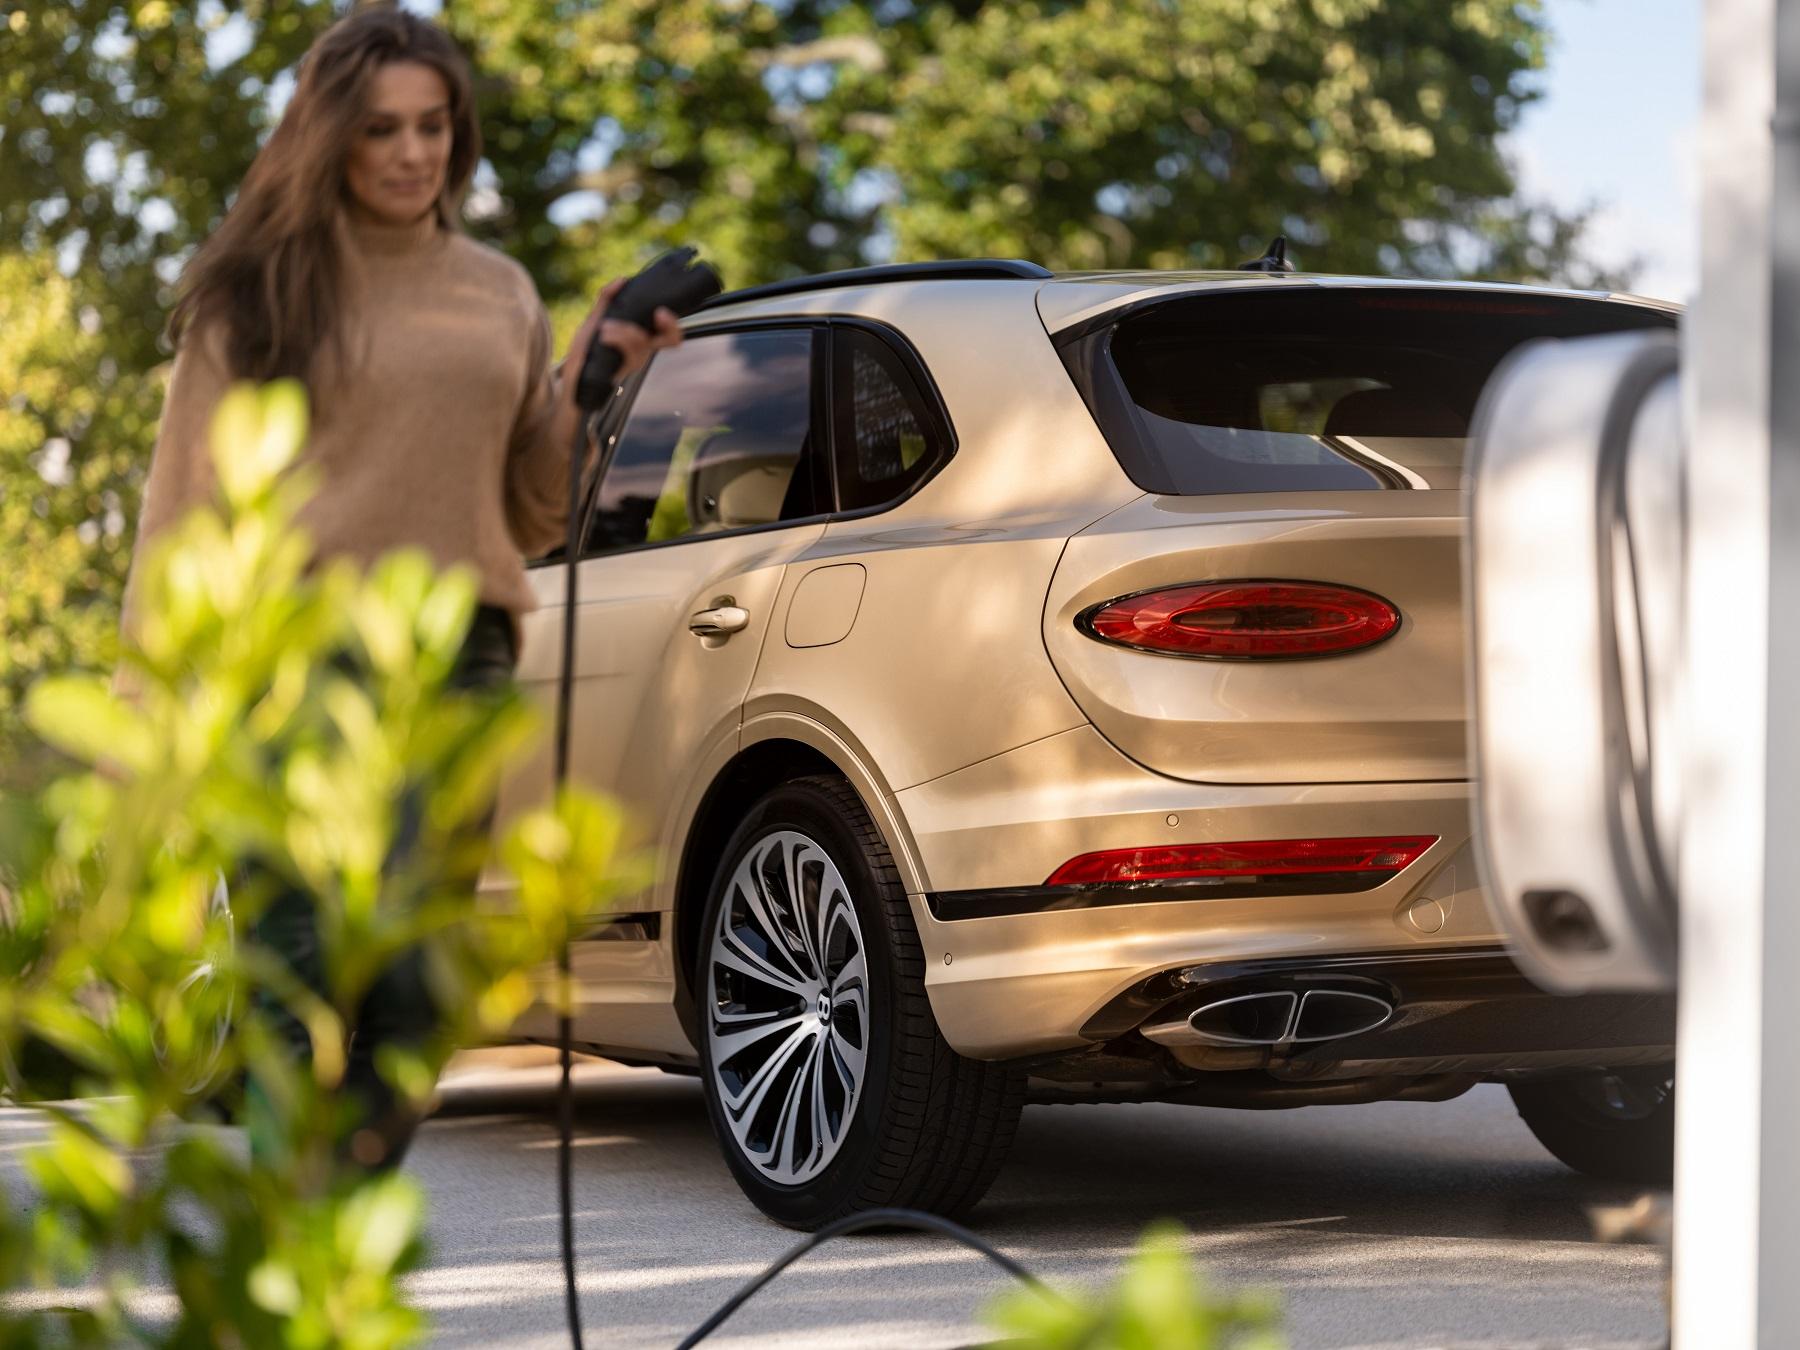 2021 Bentley Bentayga Hybrid plug-in